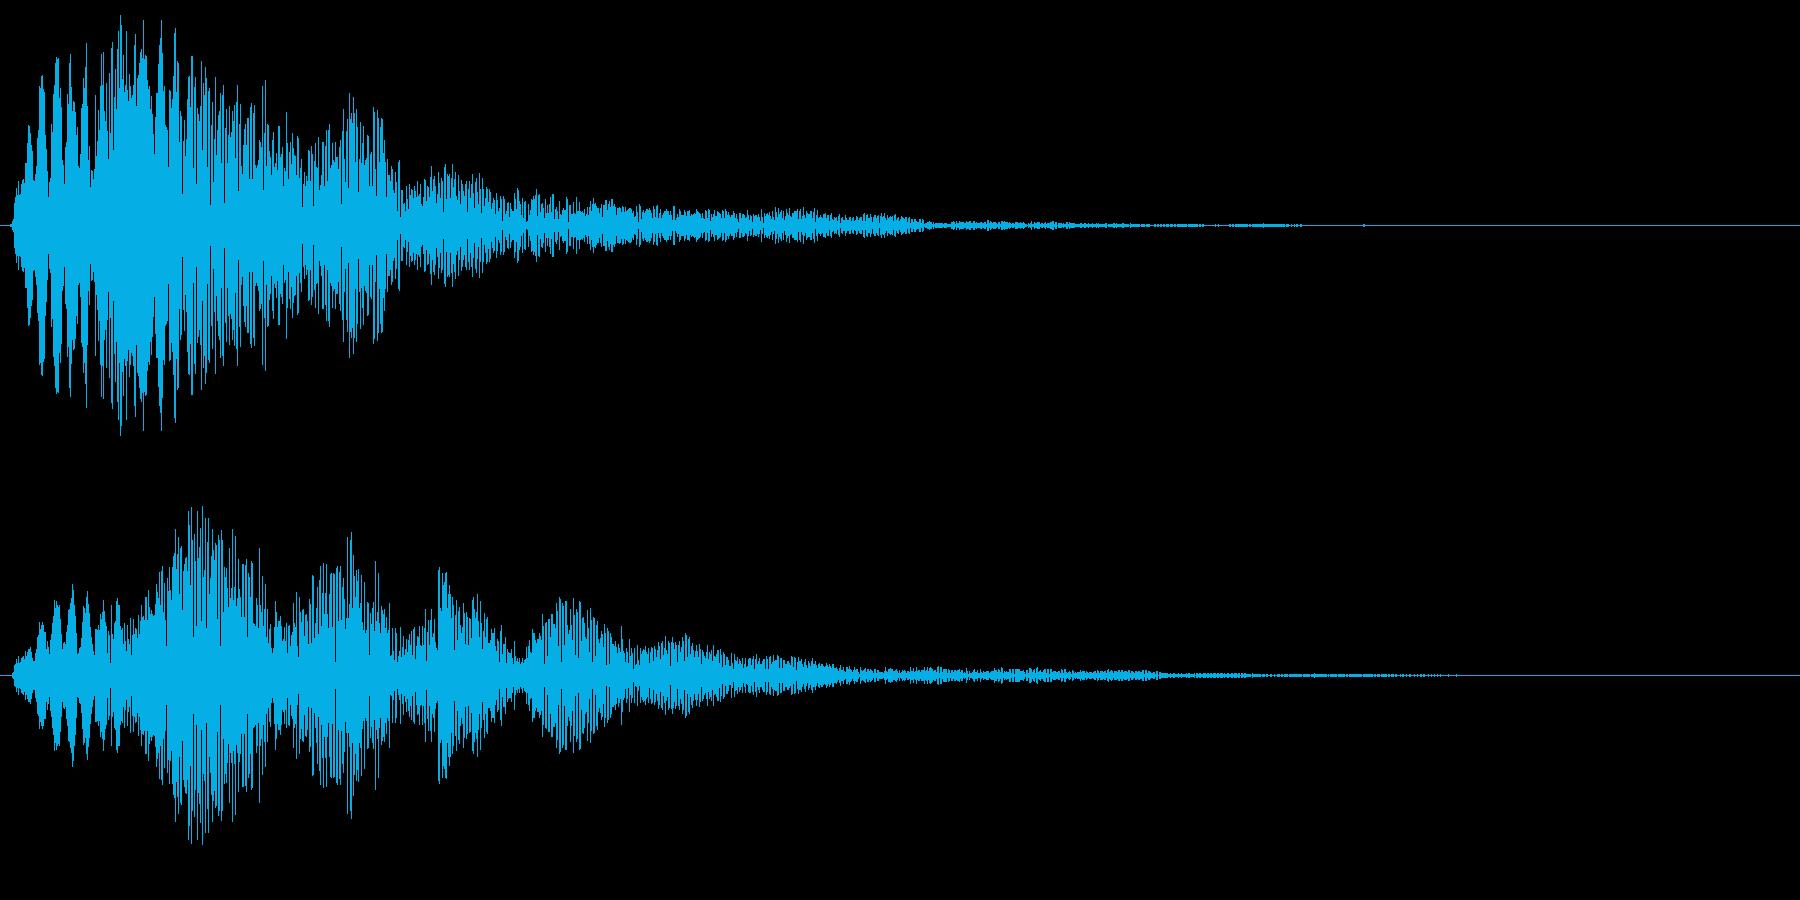 可愛らしいタイトルアップ音の再生済みの波形